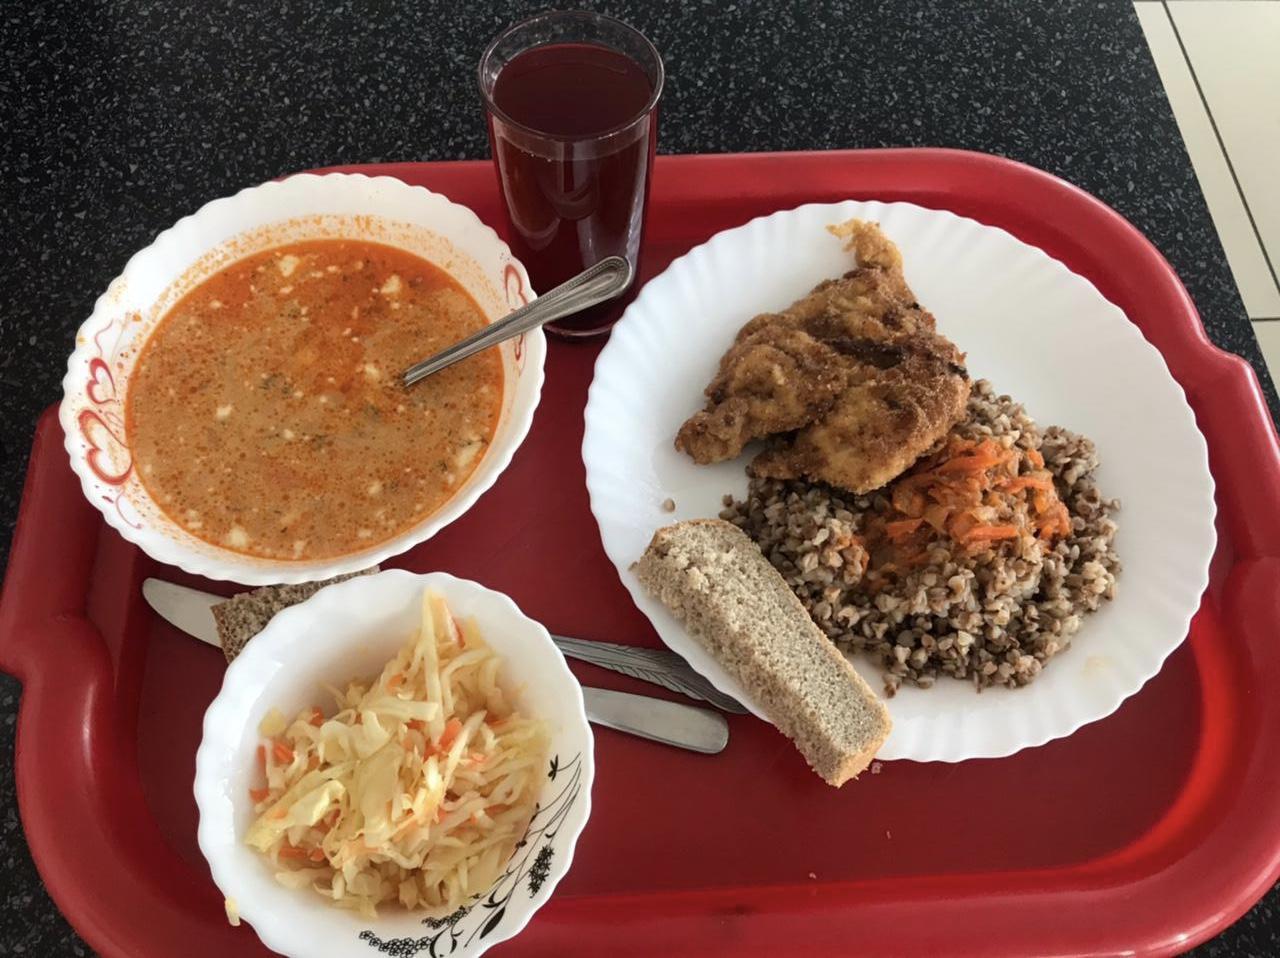 Комплексный обед по доступной цене